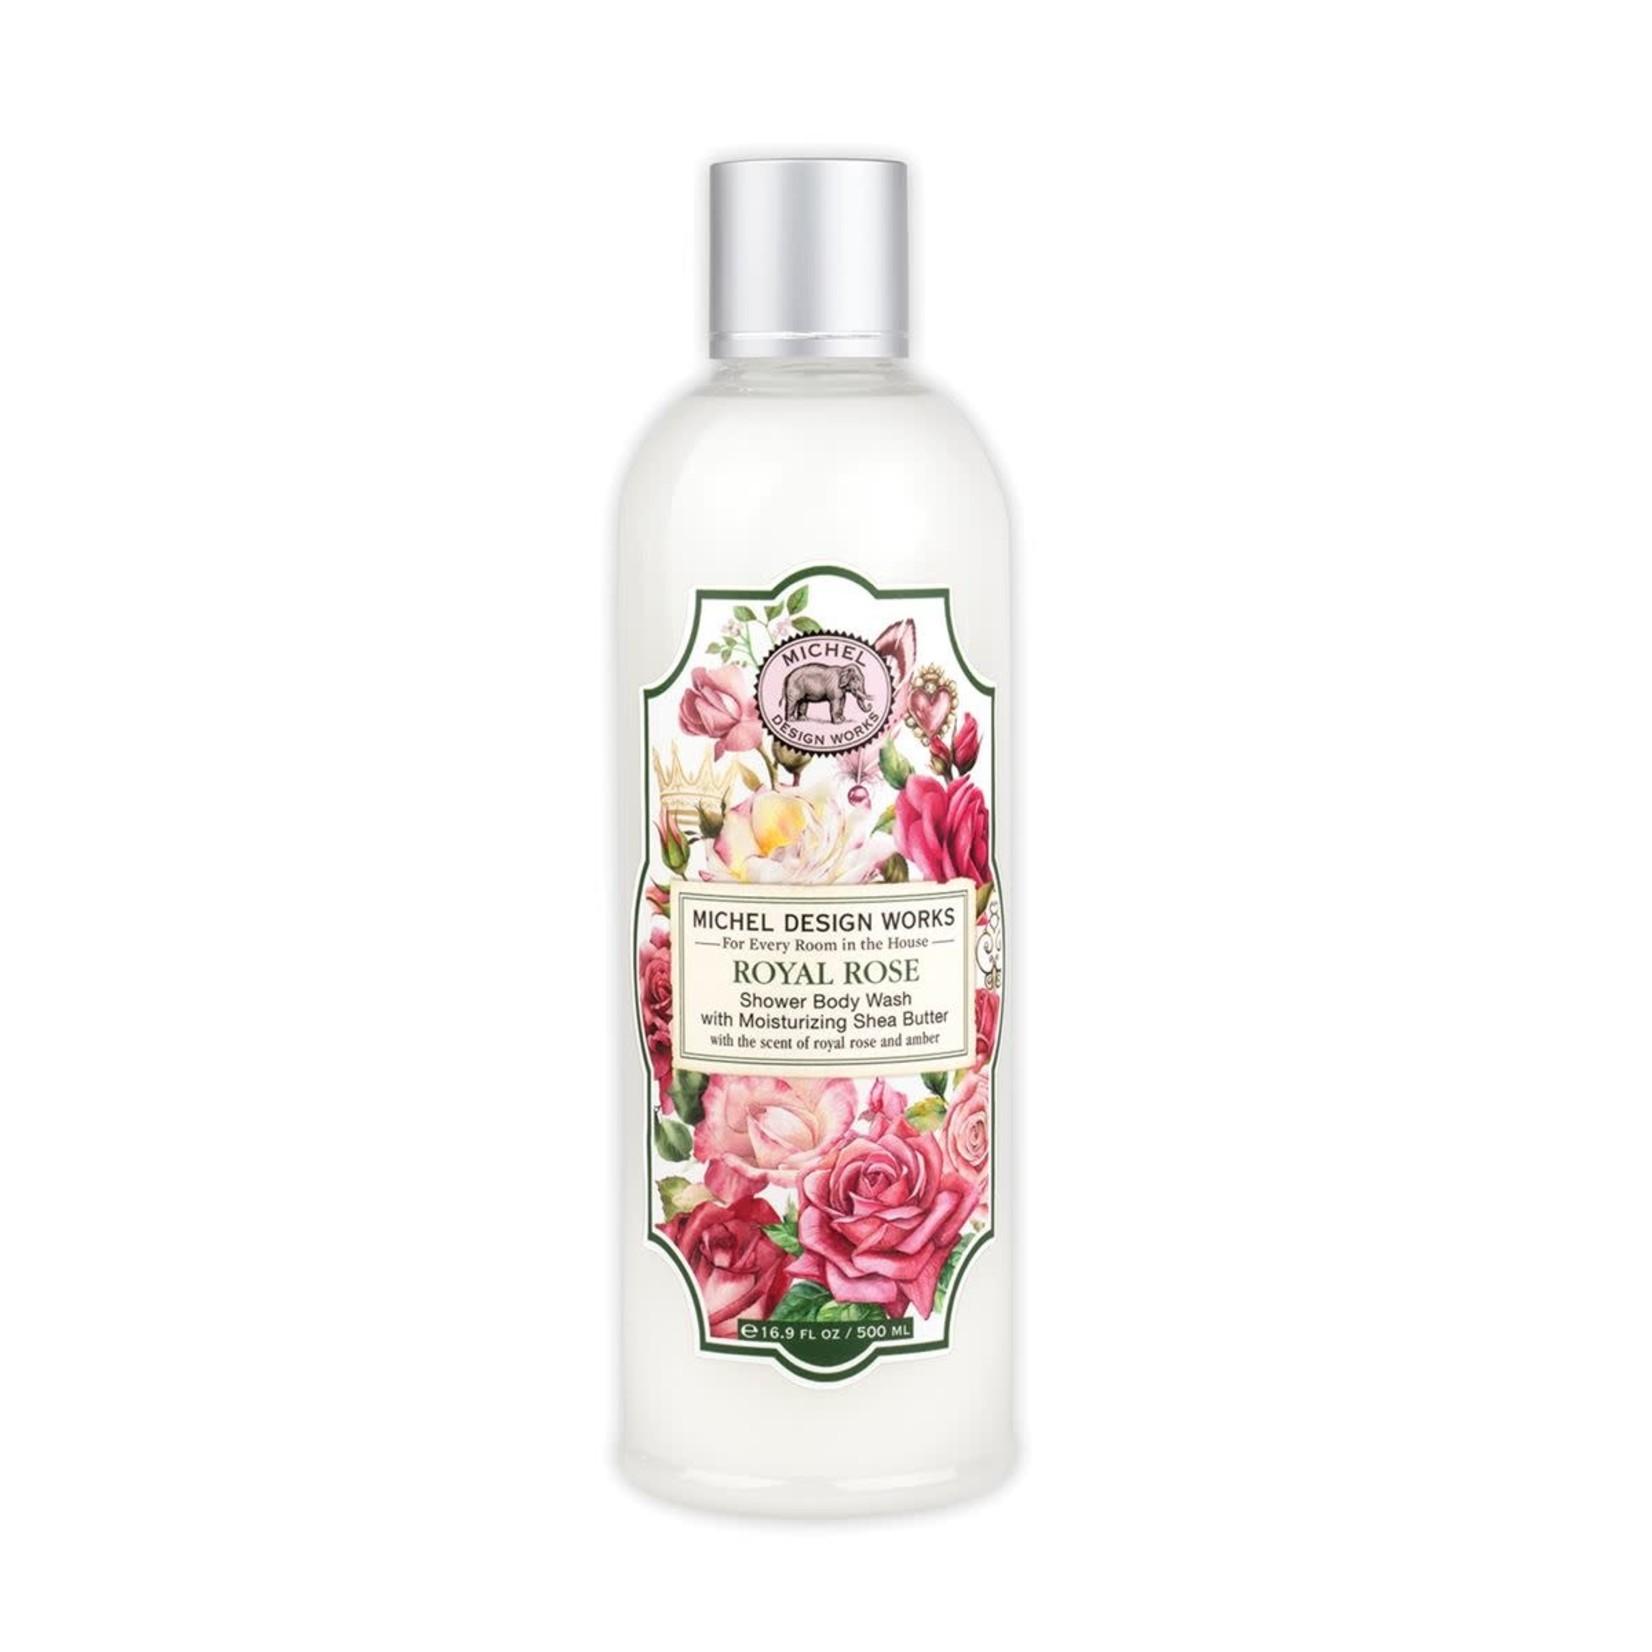 Michel Design Works Royal Rose Shower Body Wash